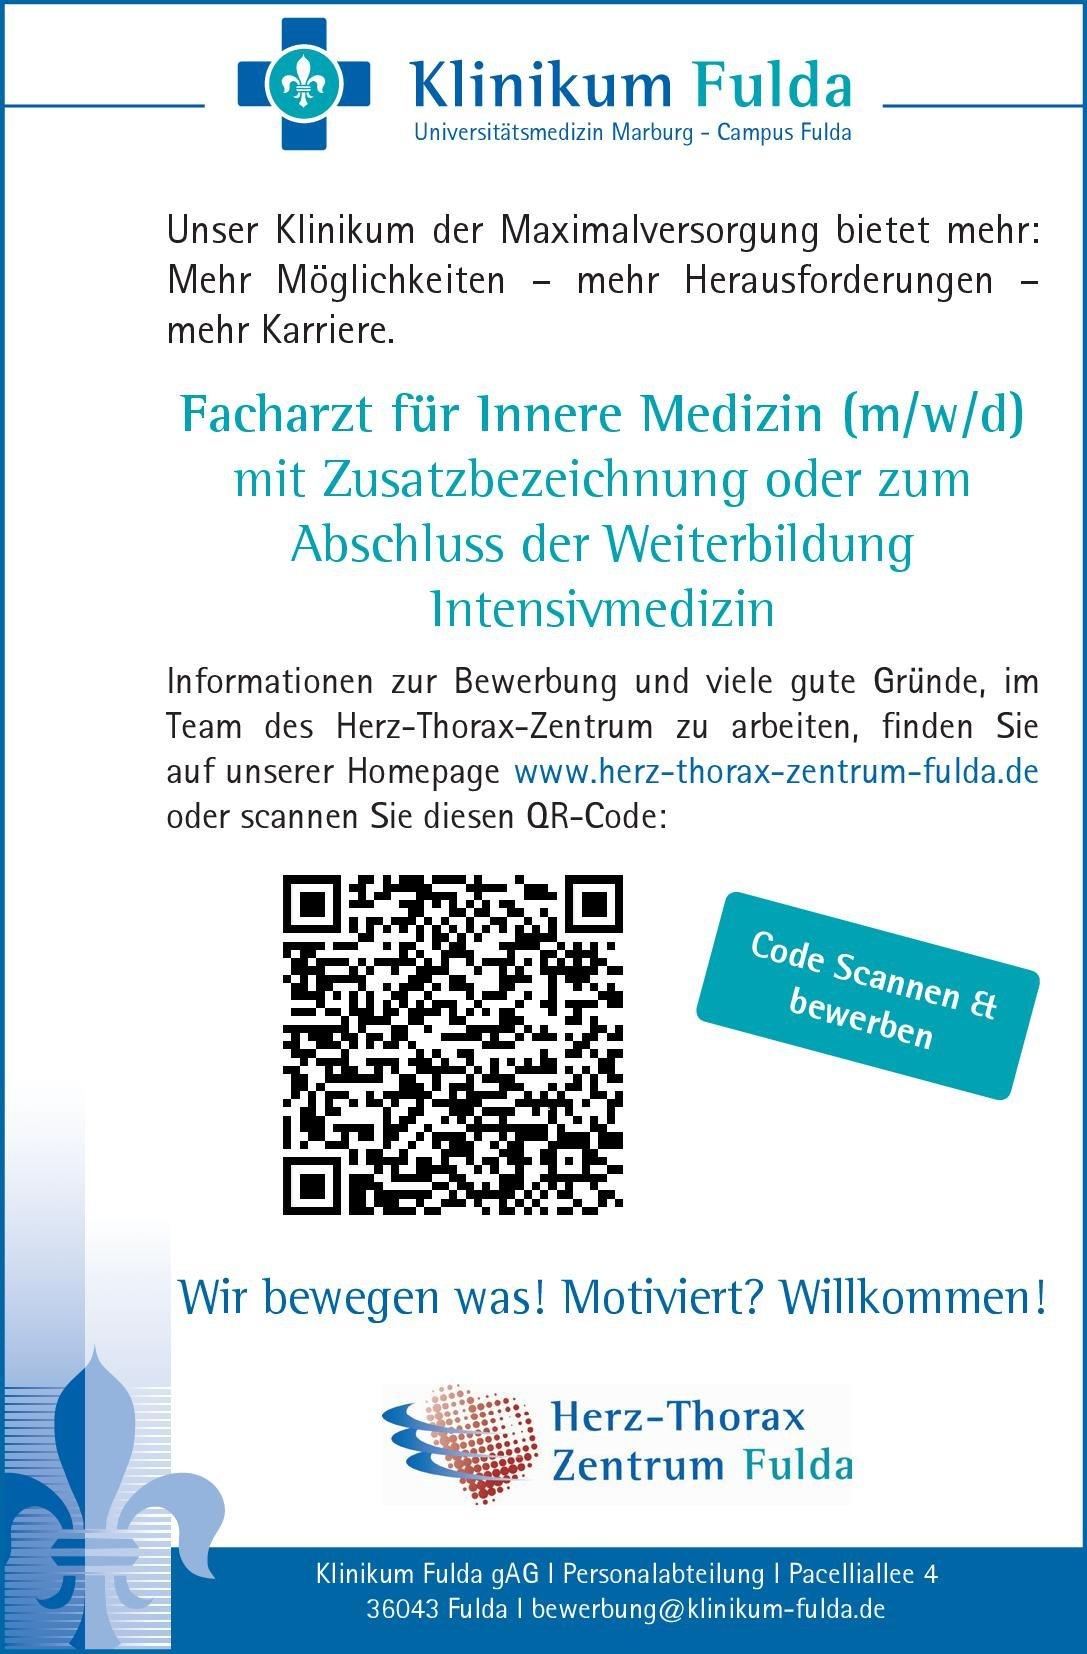 Klinikum Fulda gAG Facharzt für Innere Medizin (m/w/d) mit Zusatzbezeichnung oder zum Abschluss der Weiterbildung Intensivmedizin  Innere Medizin, Anästhesiologie / Intensivmedizin, Innere Medizin Arzt / Facharzt, Assistenzarzt / Arzt in Weiterbildung